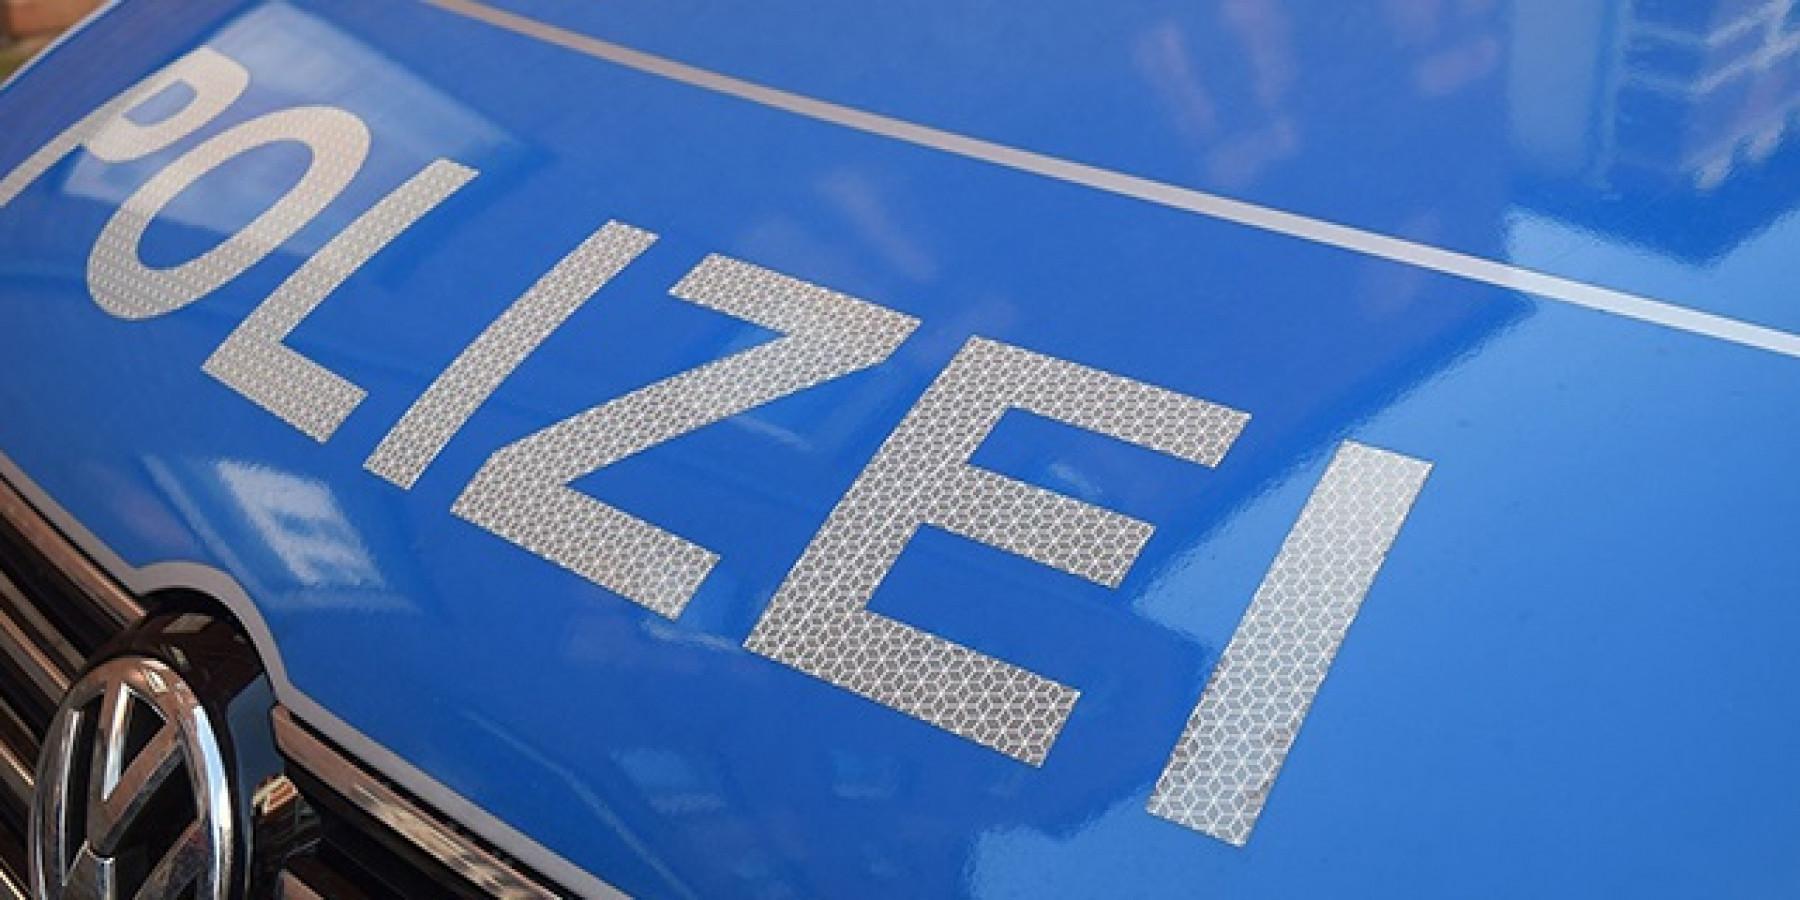 Autofahrer verliert Kontrolle und rammt parkenden Wagen – 30.000 Euro Sachschaden